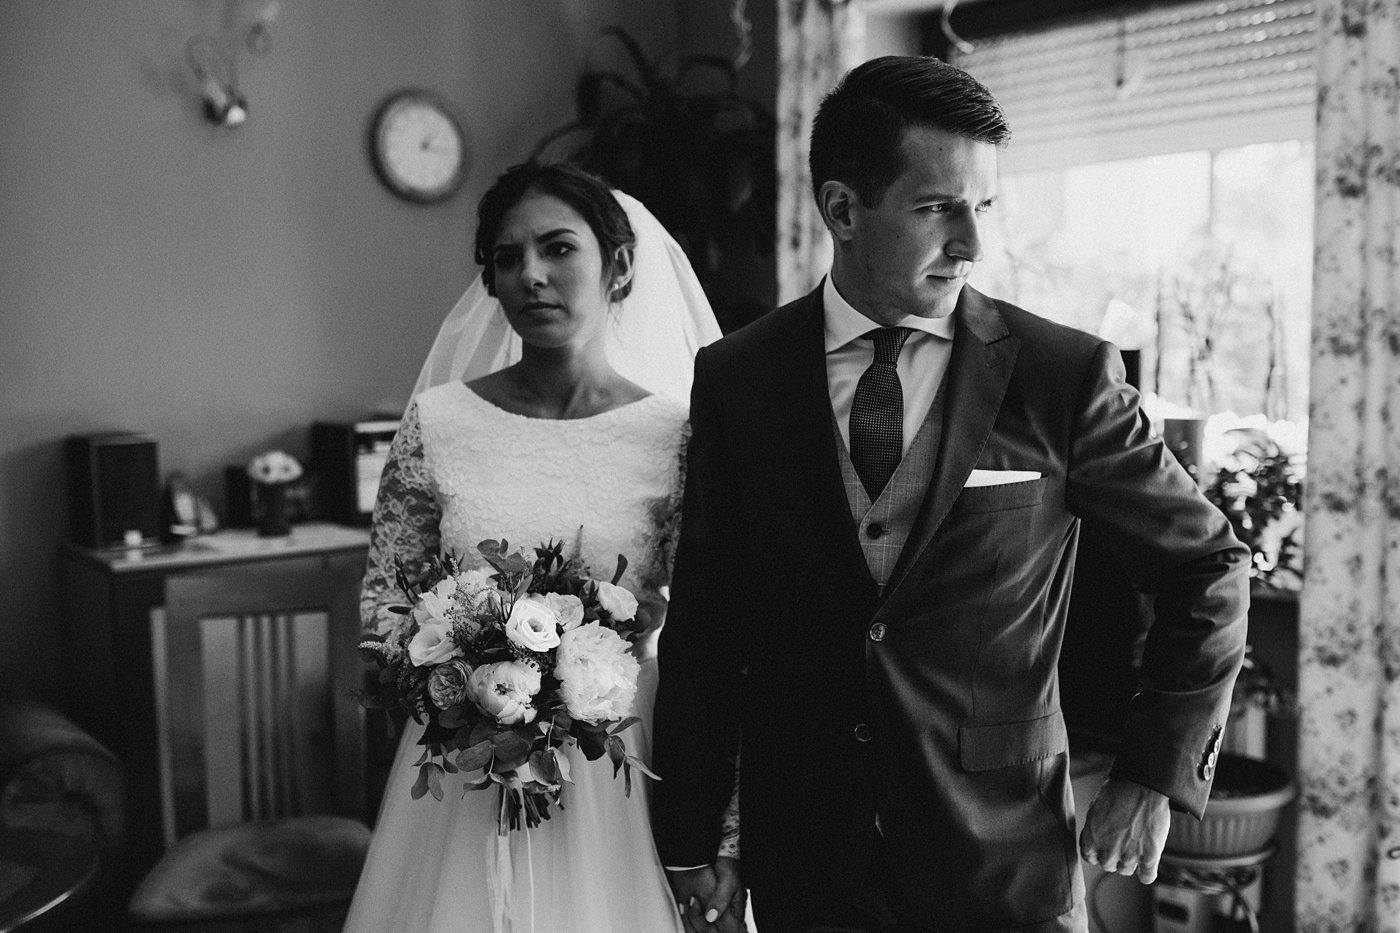 Dominika & Aleksander - Rustykalne wesele w stodole - Baborówko 23